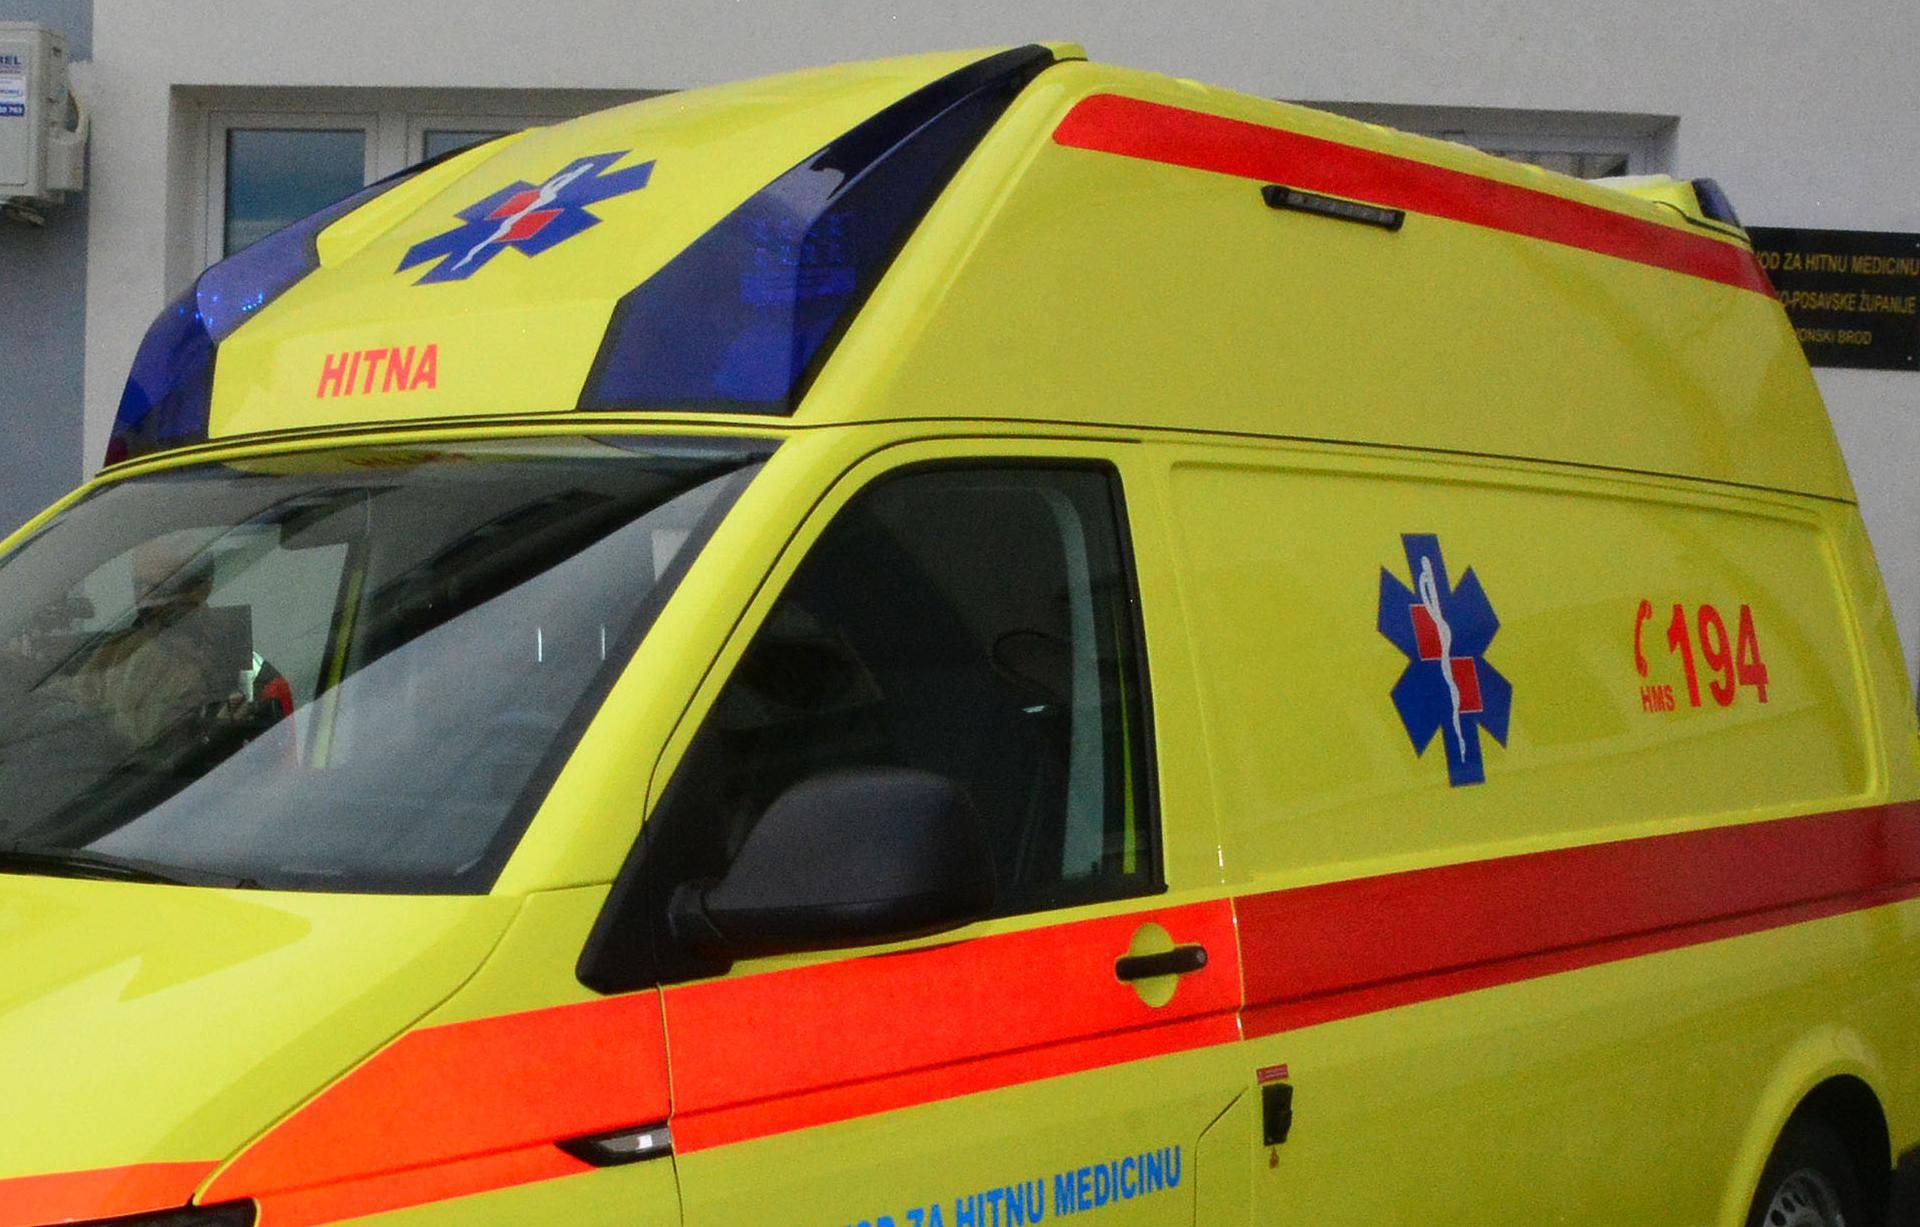 Hitne pacijente iz Metkovića  vozit će u bolnicu u Mostaru